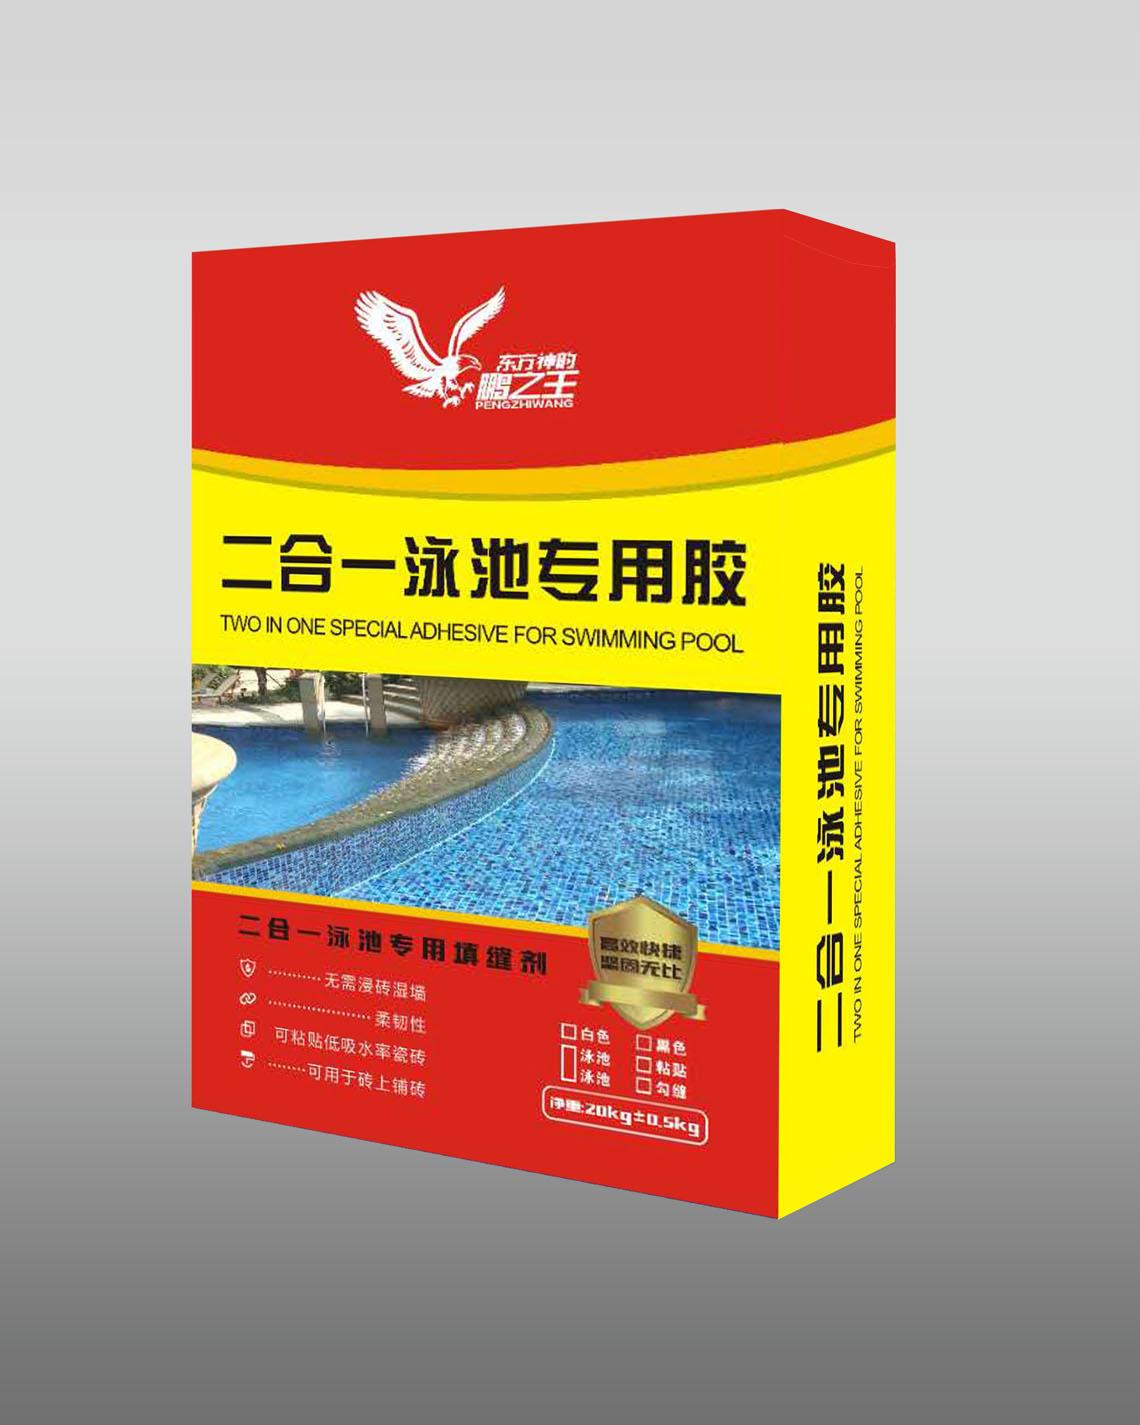 泳池专用胶